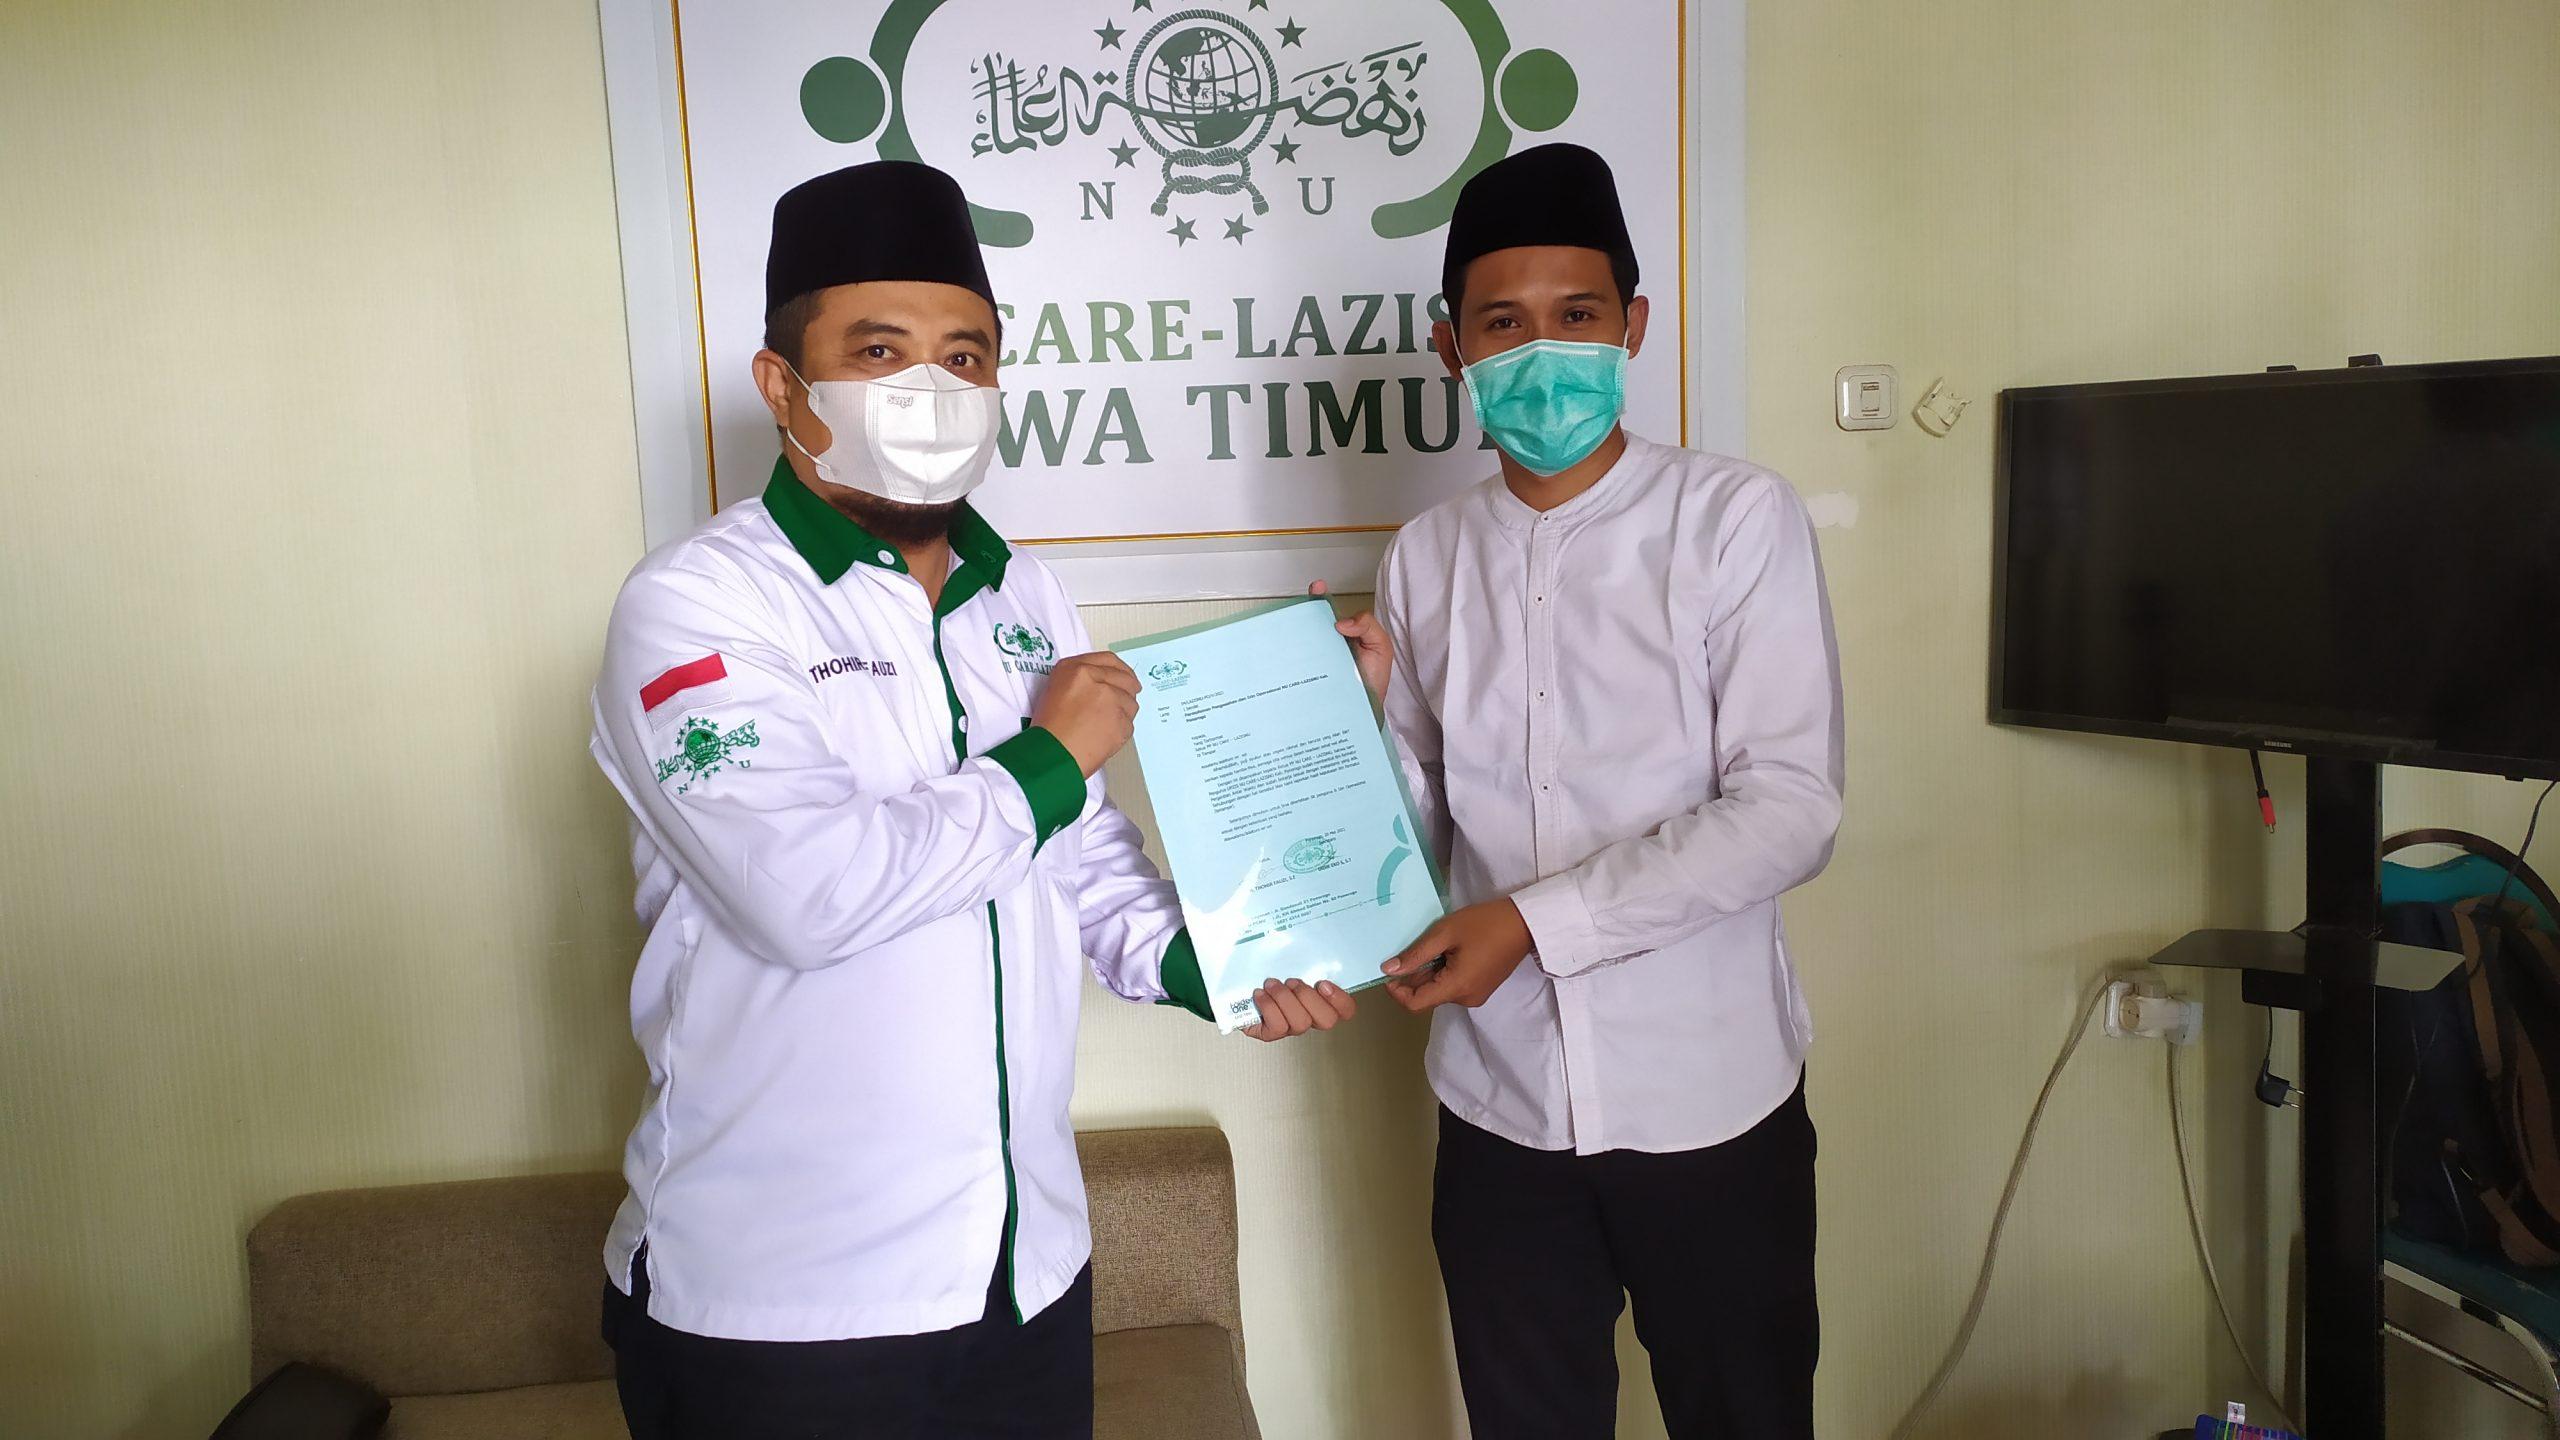 Ketua Pengurus Cabang NU Care-Lazisnu Ponorogo H. Thohir Fauzi menyerahkan surat pengajuan SK Pengurus Pusat yang diterima Afif Amrullah Ketua Pengurus Wilayah NU Care-Lazisnu Jawa Timur